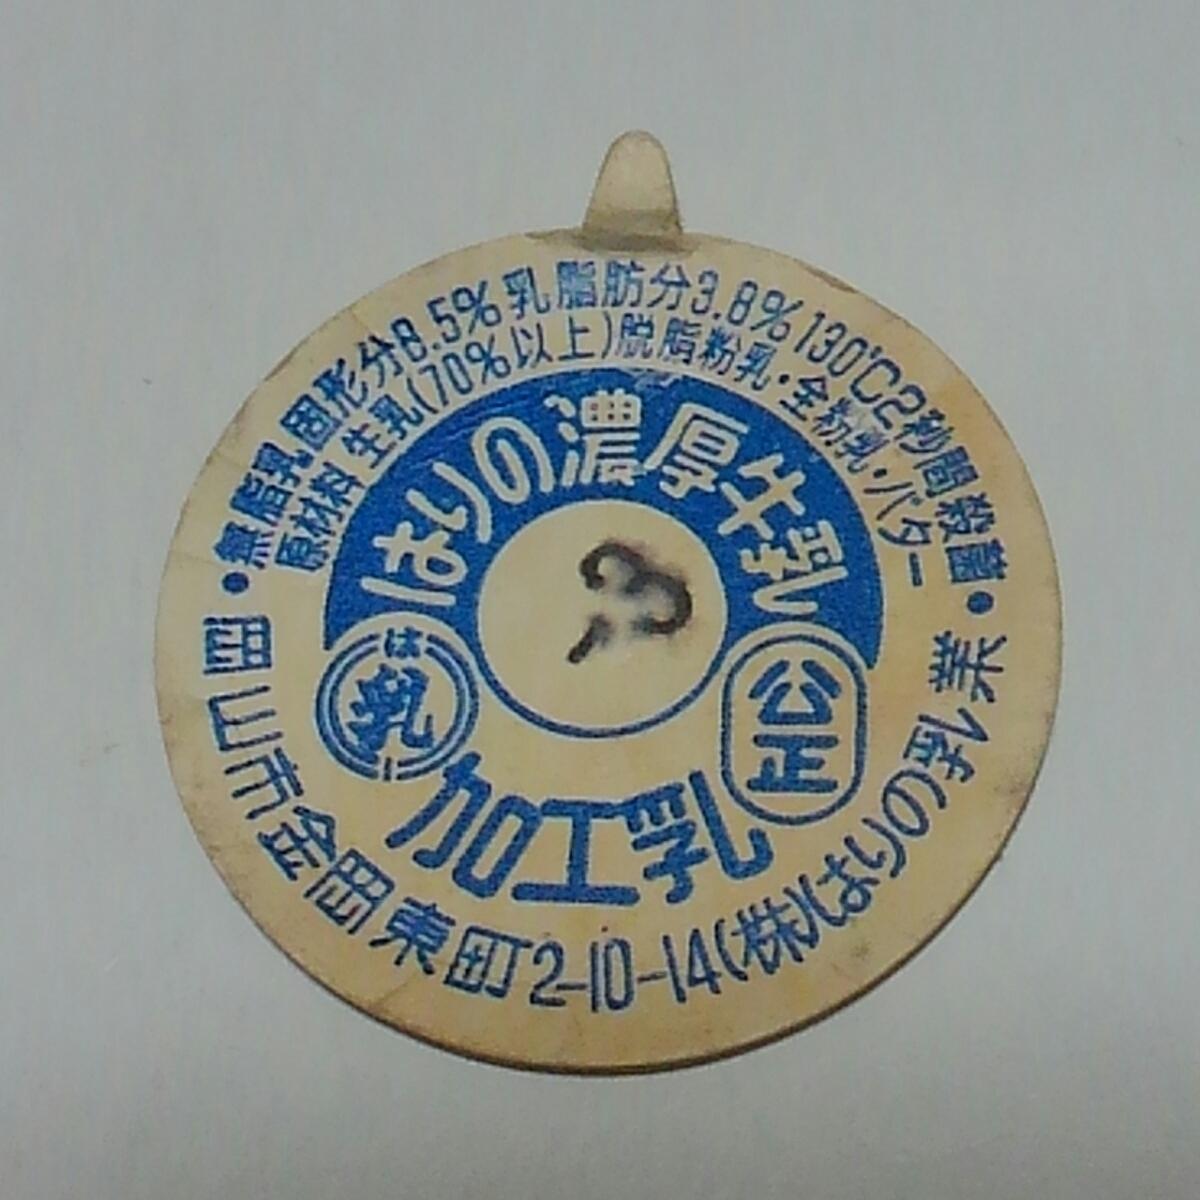 【牛乳キャップ】35年以上前 はりの濃厚牛乳 岡山県/株式会社はりの乳業